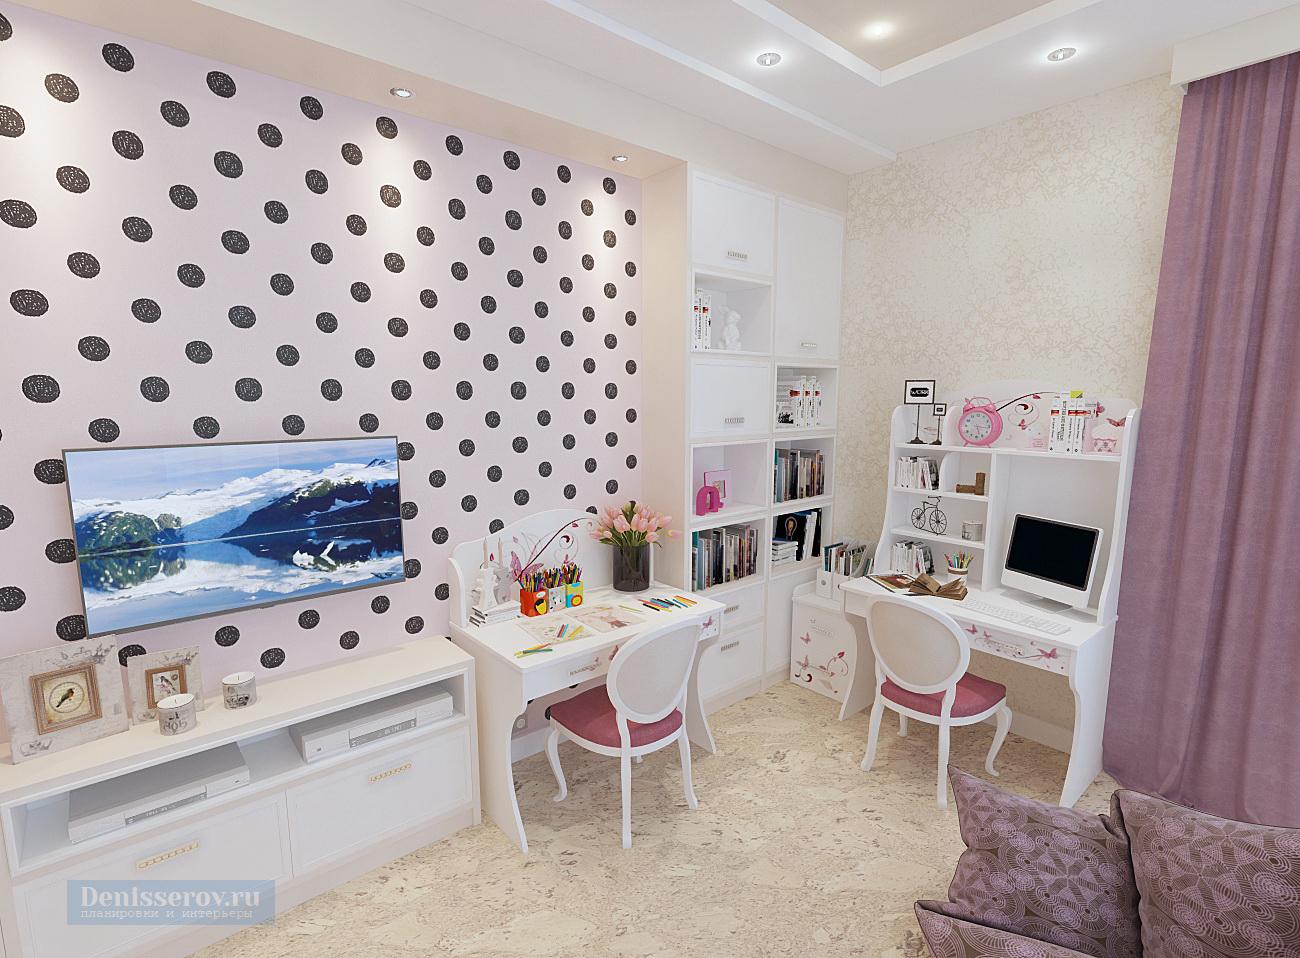 Дизайн-проект большой детской комнаты 30 кв. м для двух девочек